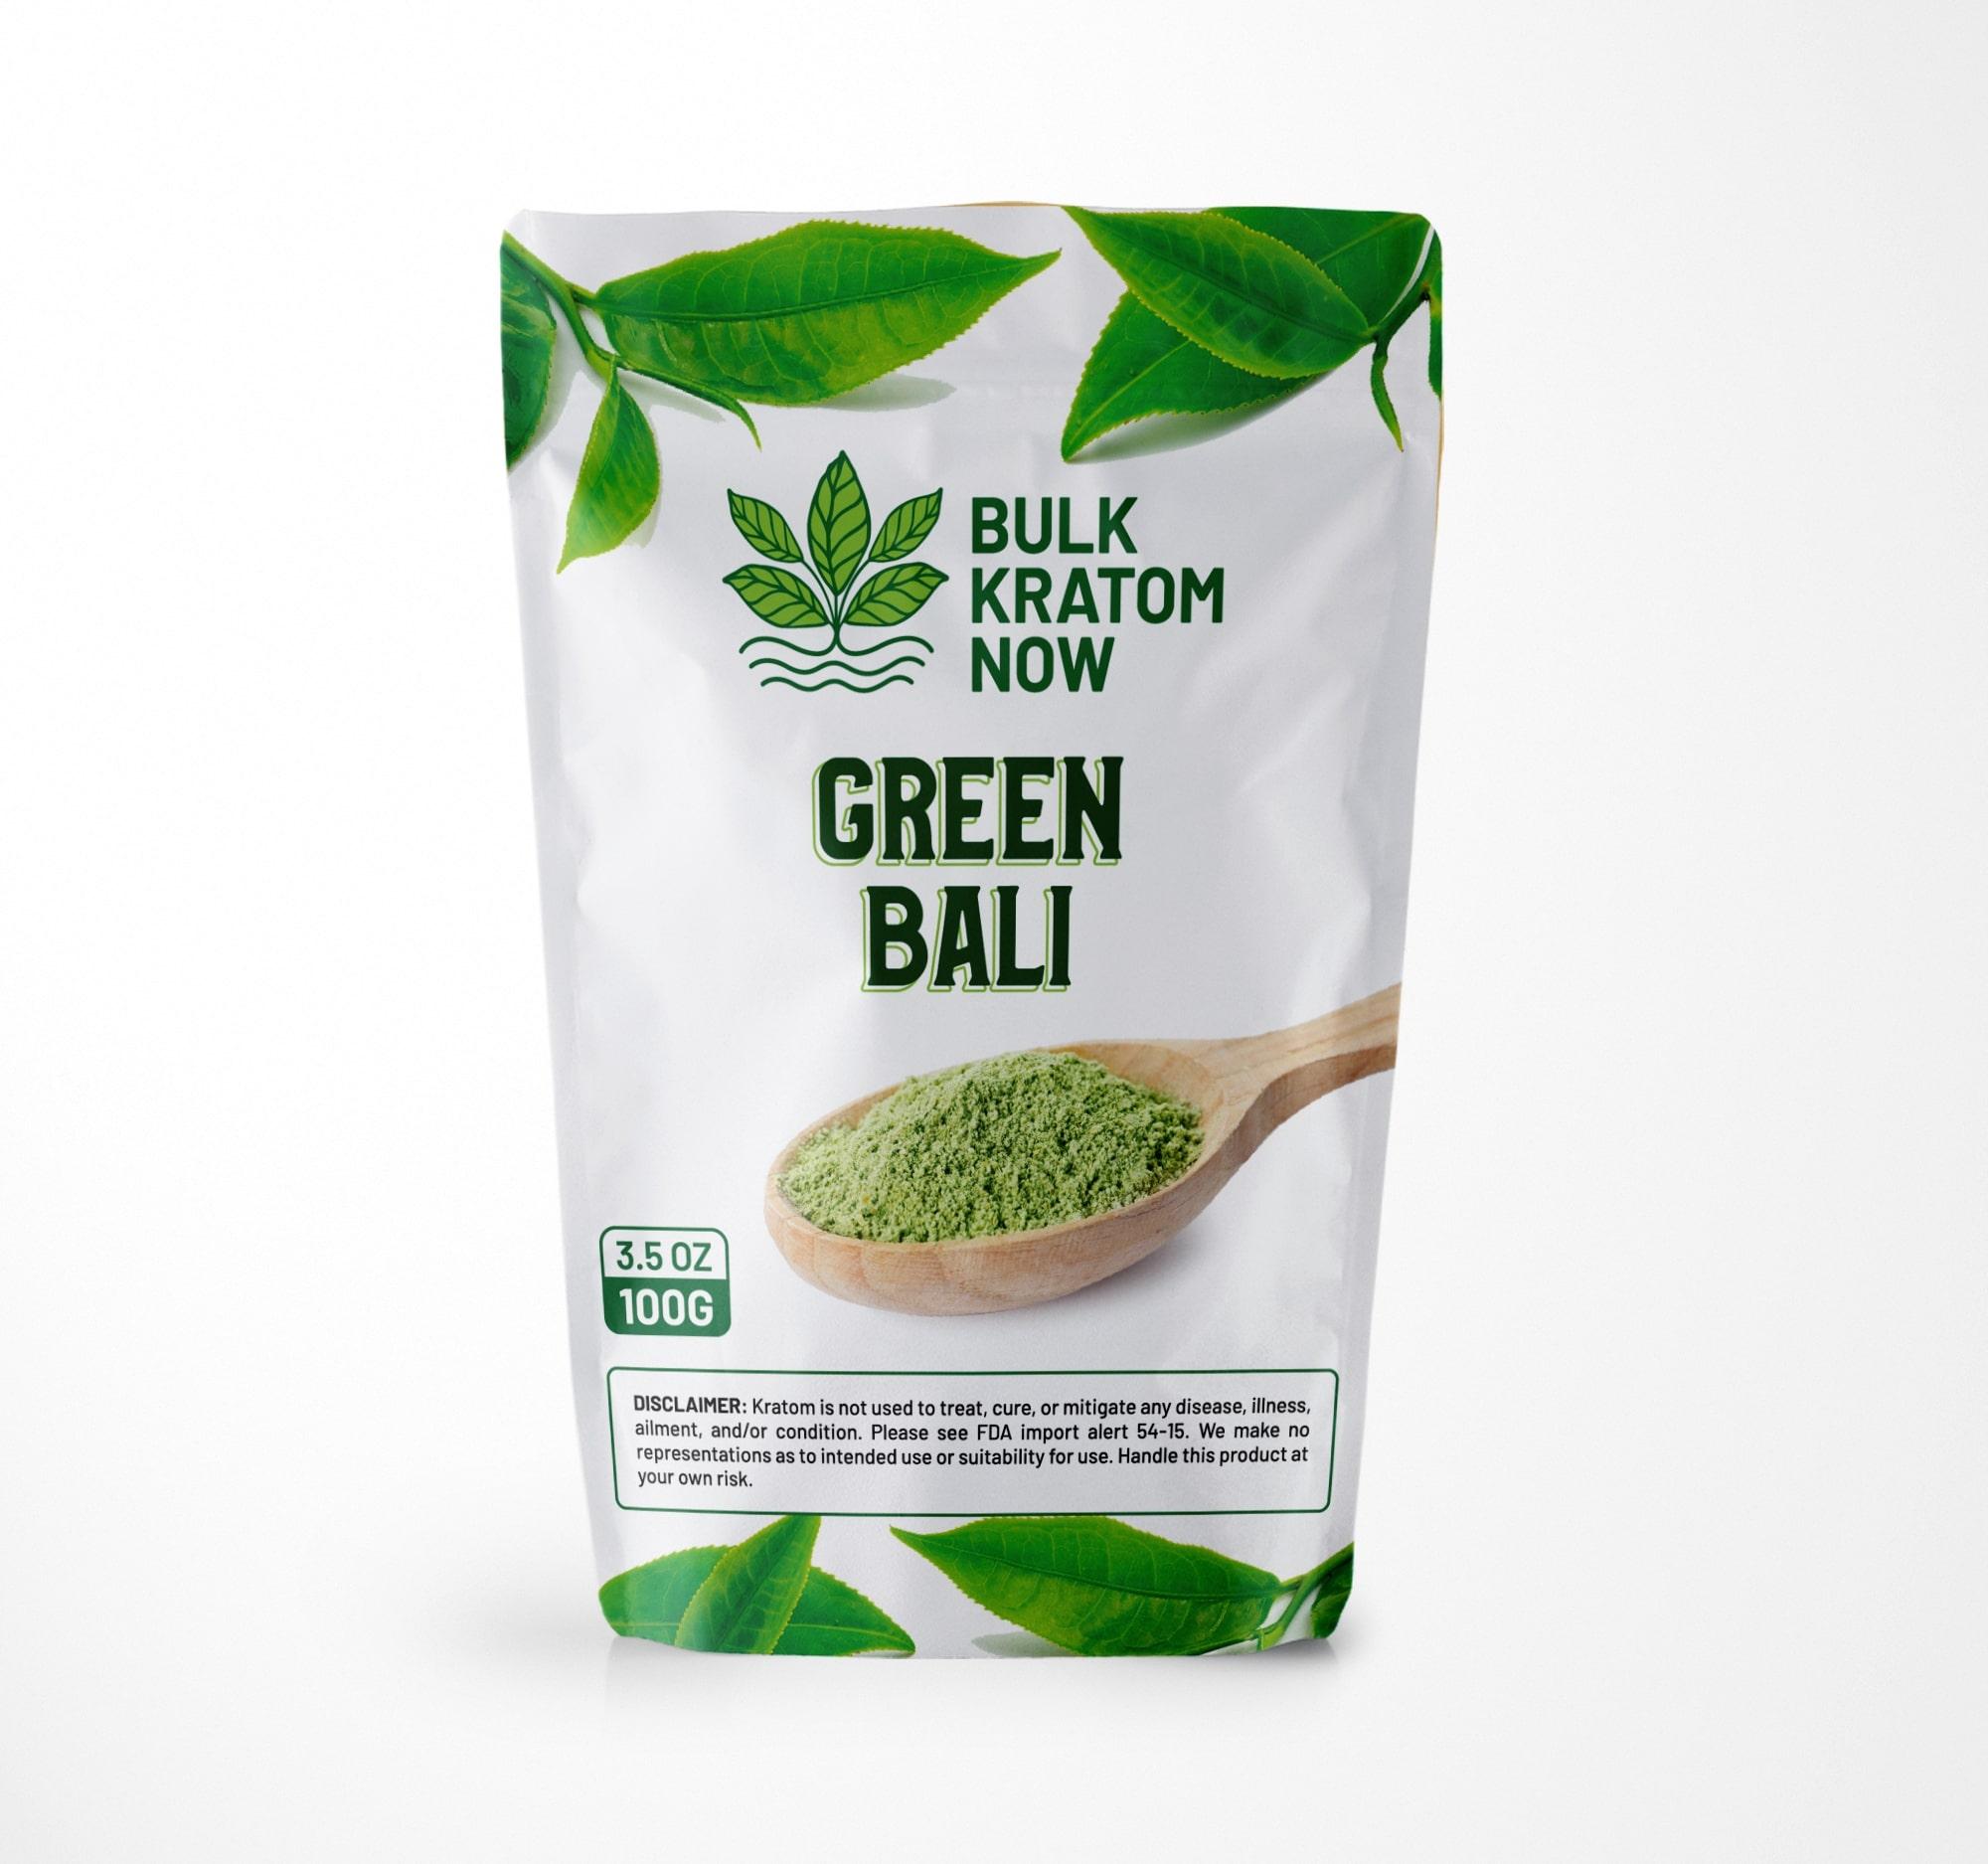 Green Bali Bulk Kratom